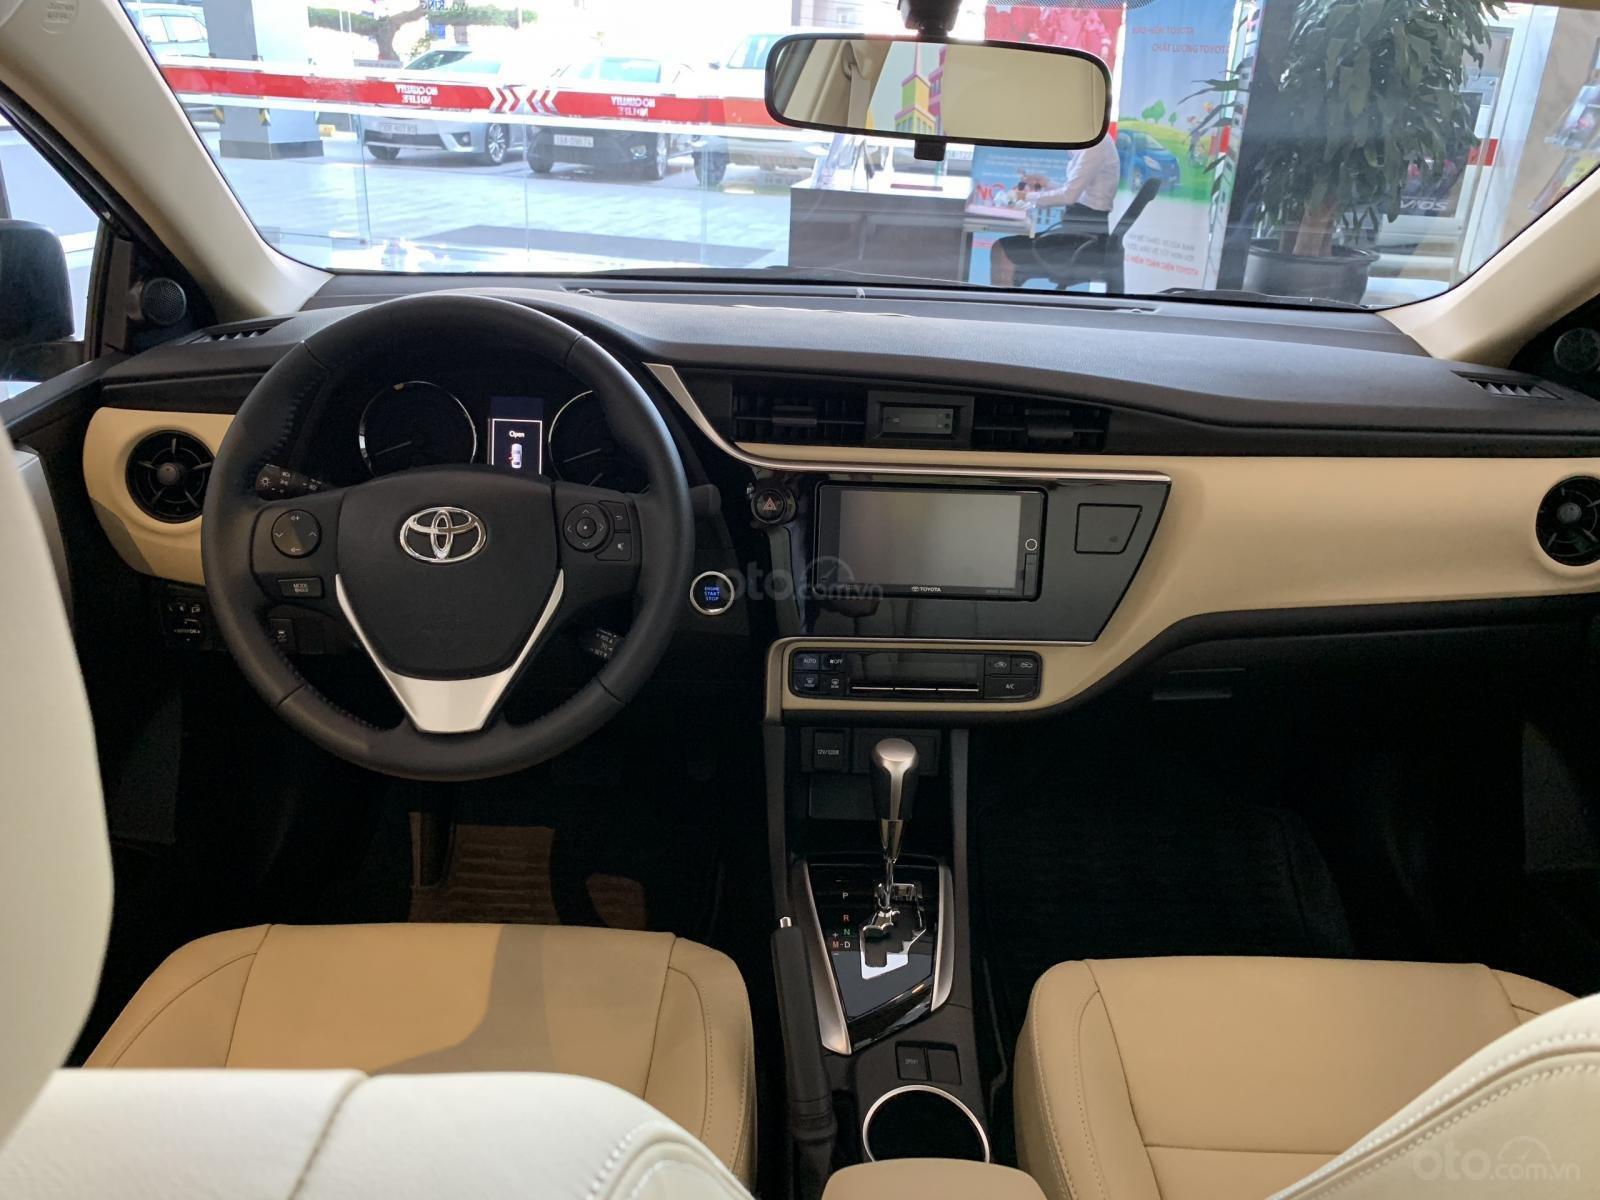 Kích thước khoang cabin Toyota Corolla Altis 2019 D x R x C tương ứng 1.930 x 1.485 x 1.205 (mm) 1